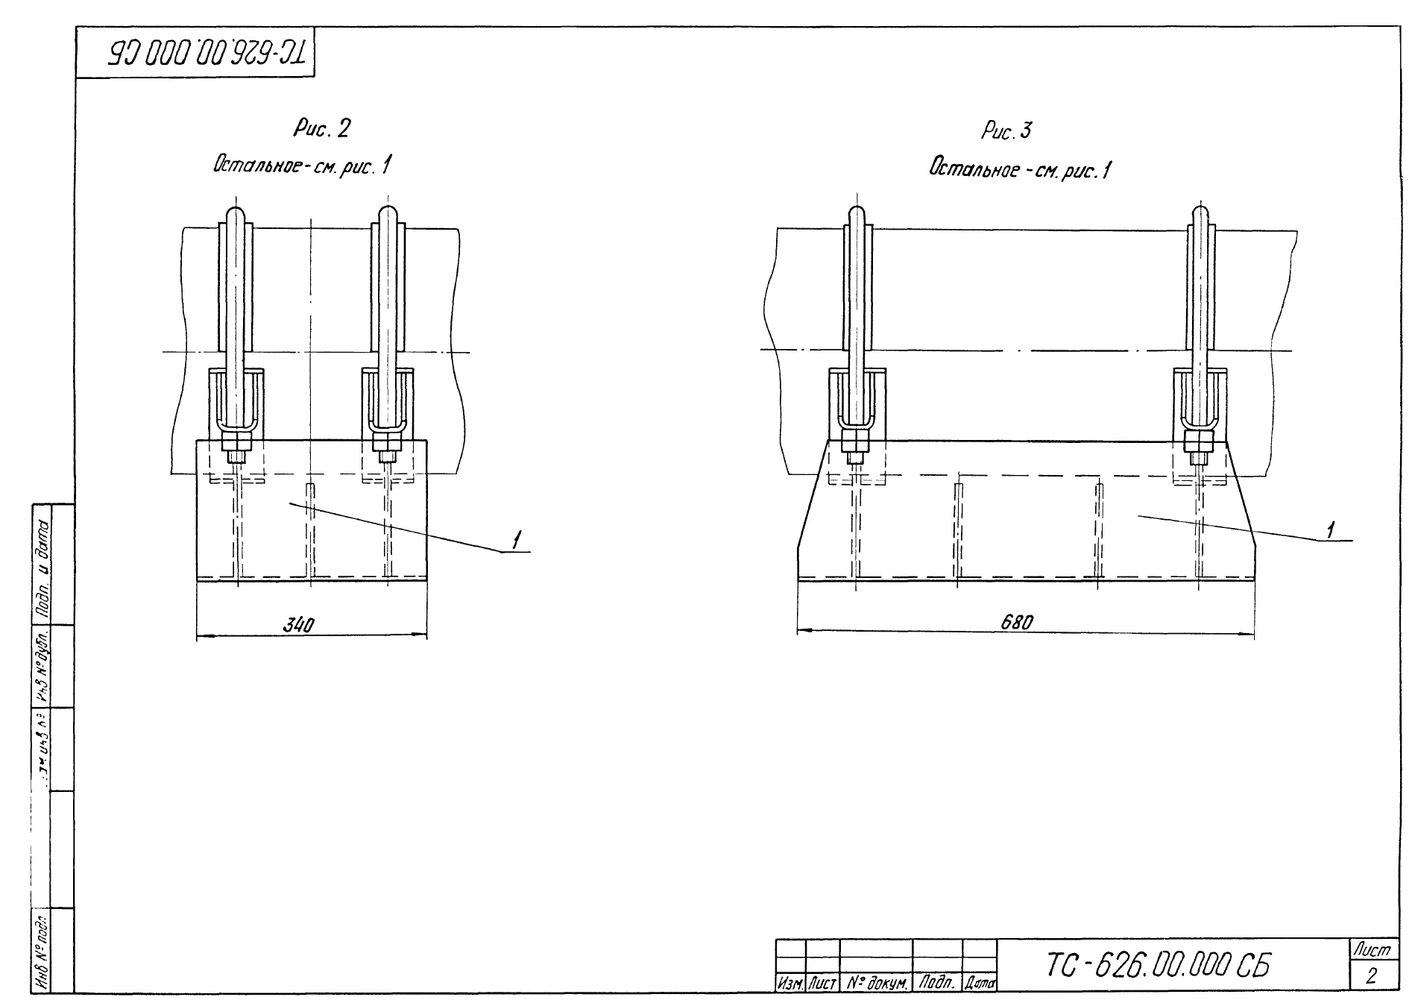 Опора скользящая хомутовая ТС-626.00.000 серия 5.903-13 выпуск 8-95 стр.2